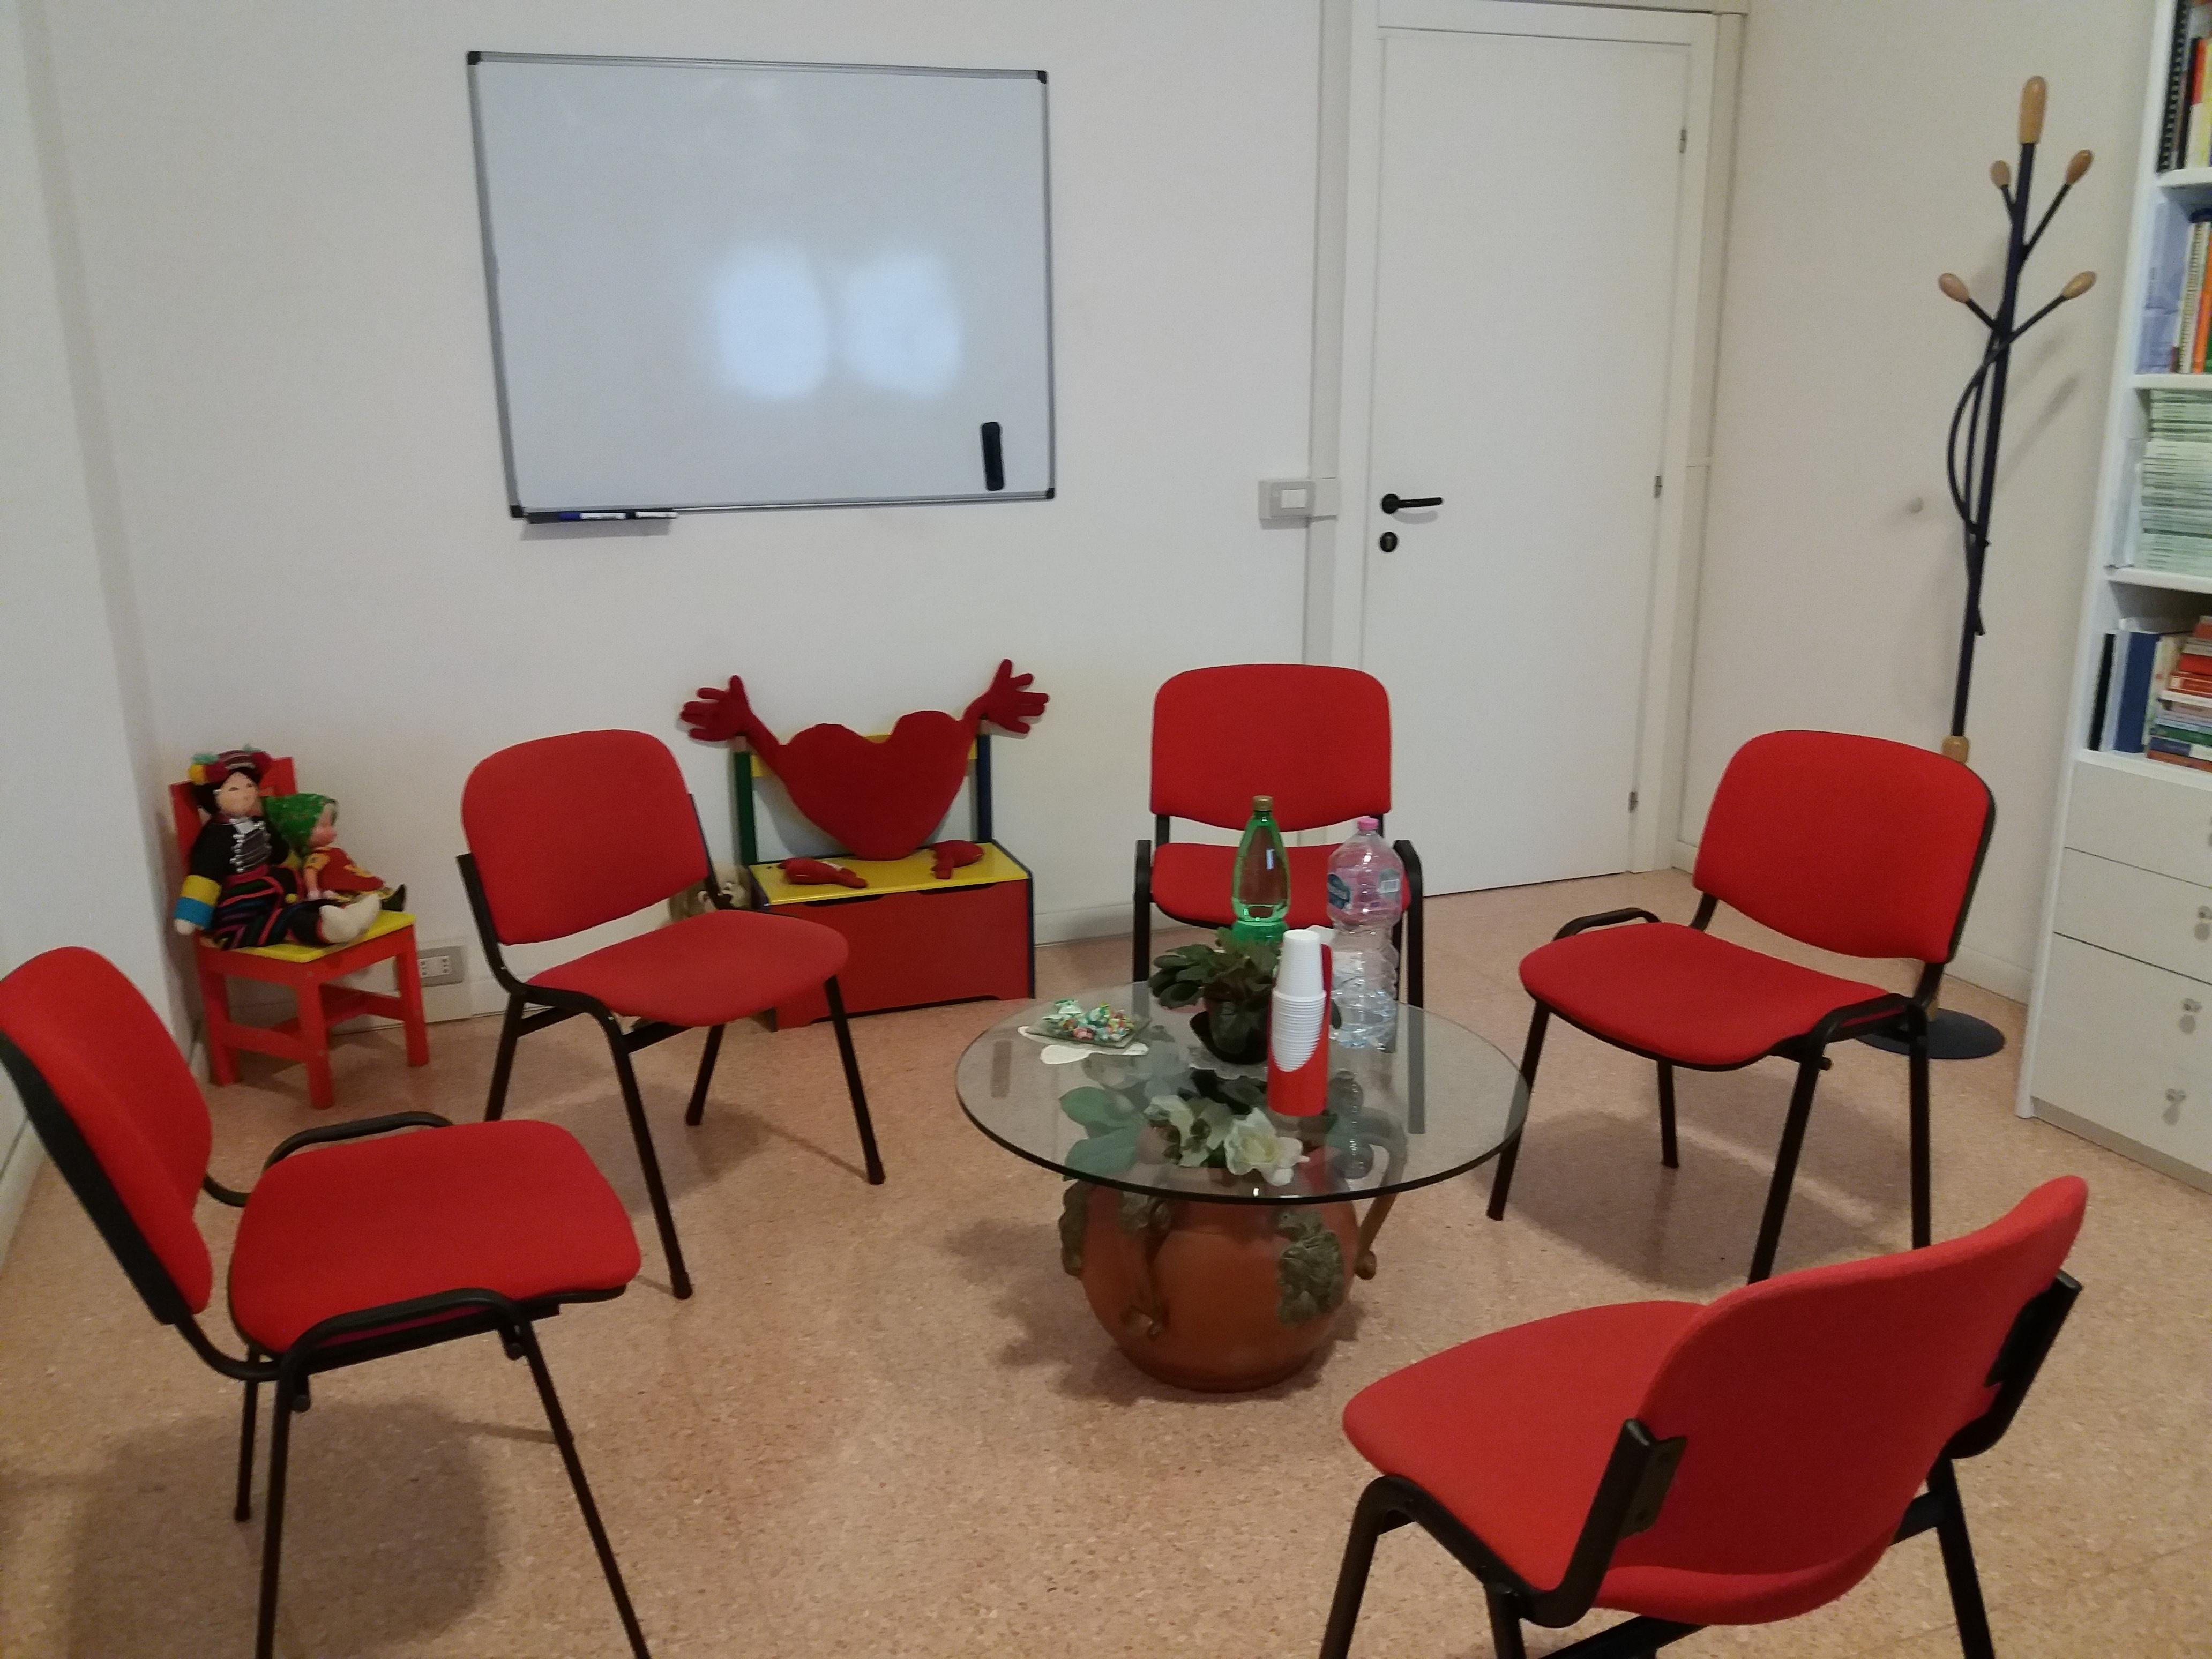 Lo studio dove la dottoressa psicologa psicoterapeuta Cristiana Frattesi svolge attività di psicoterapia